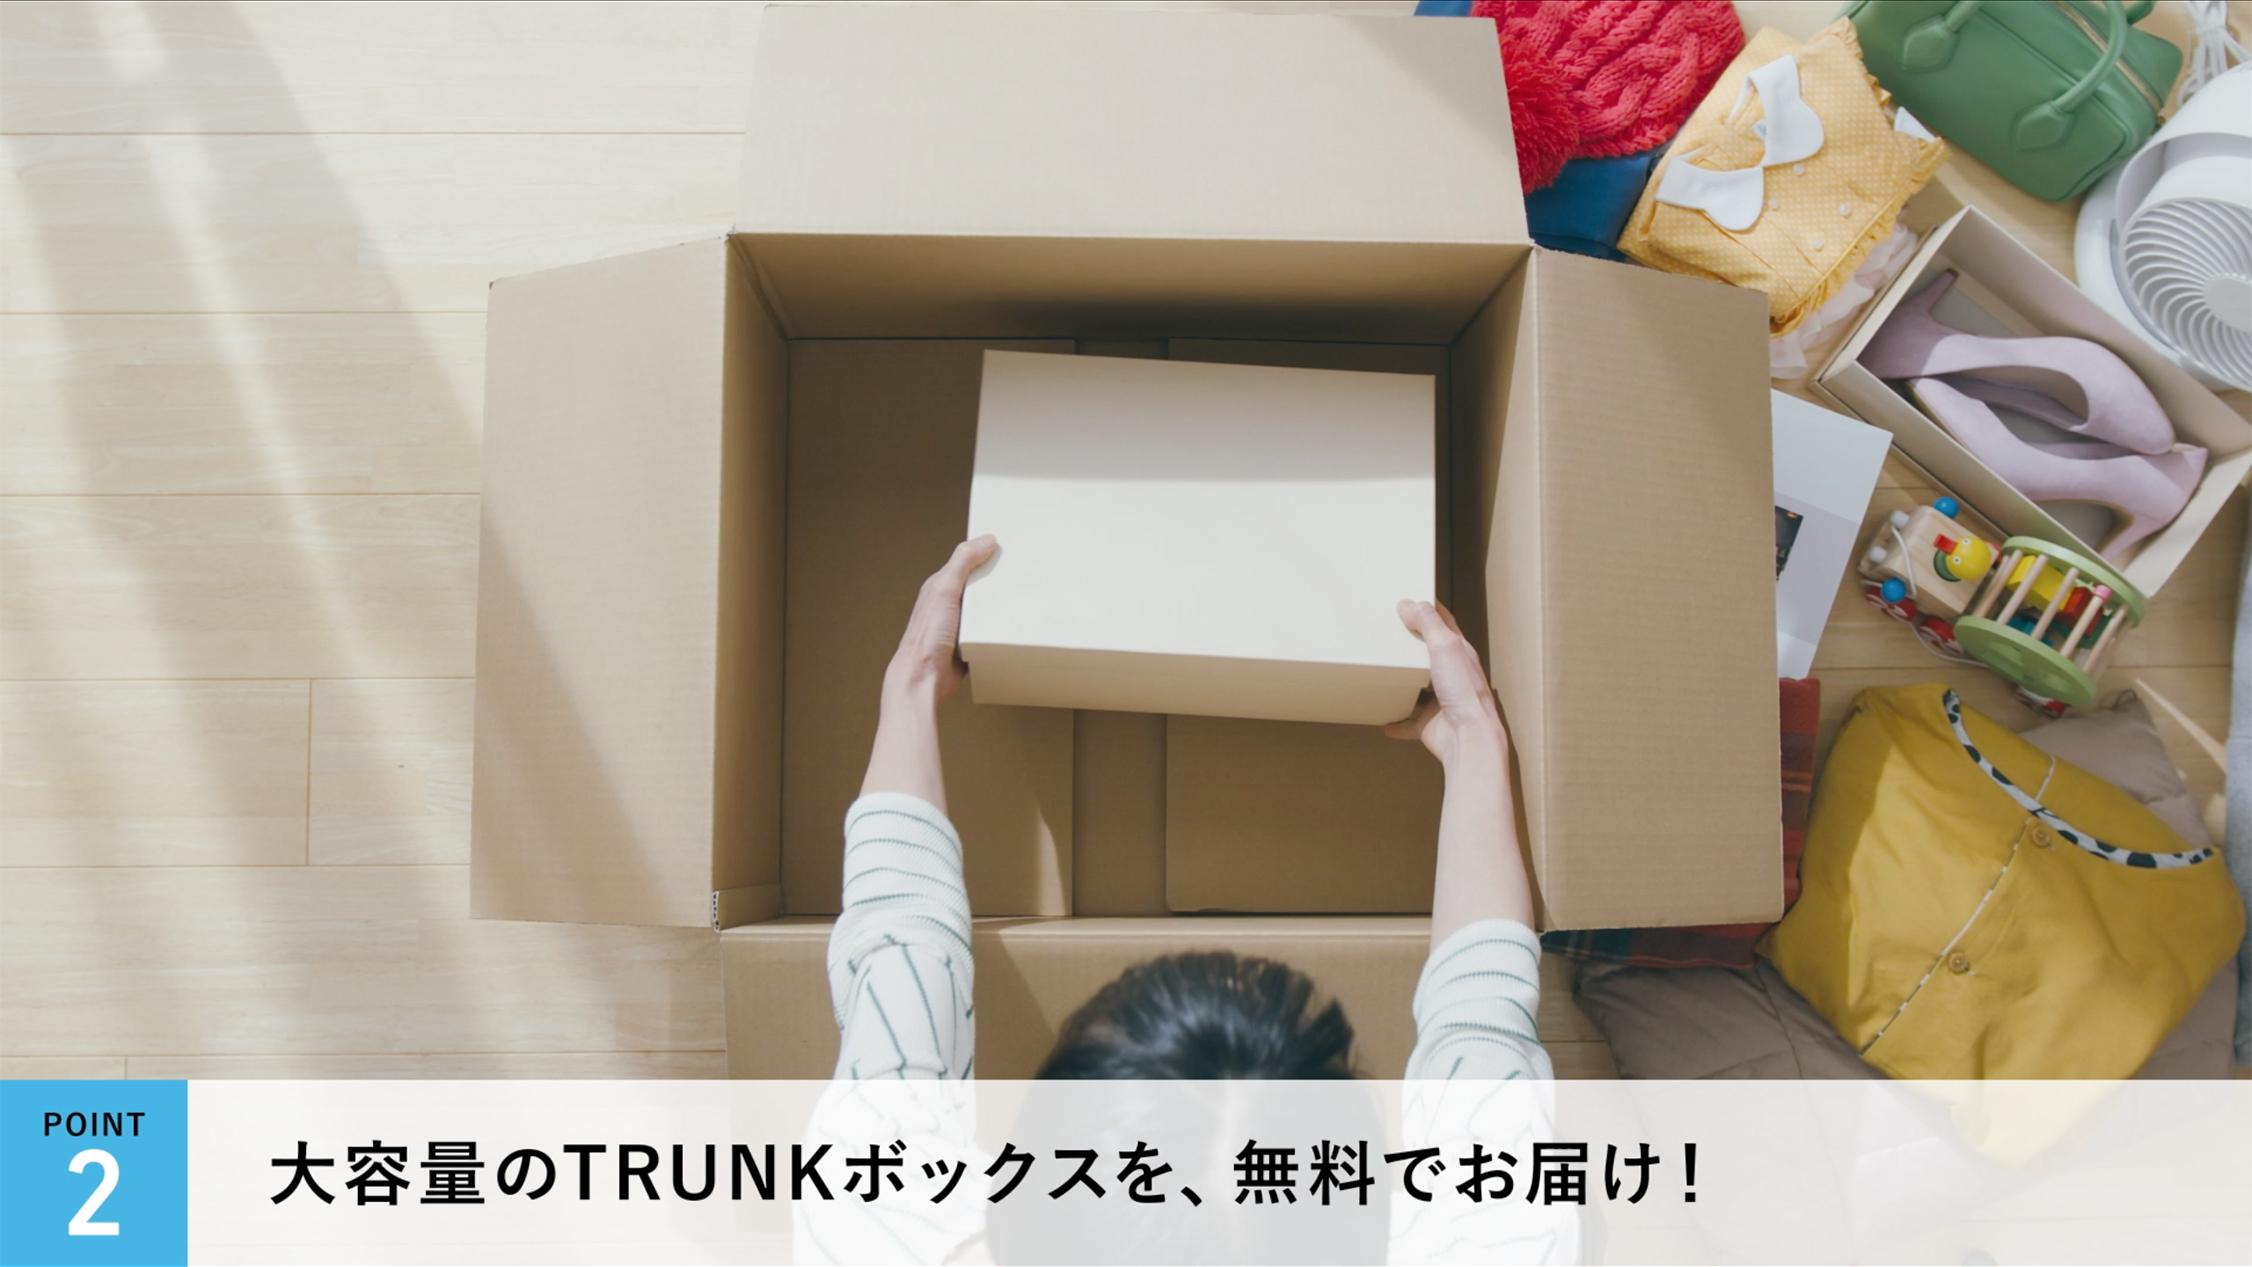 TYME/TRUNK-Image-5